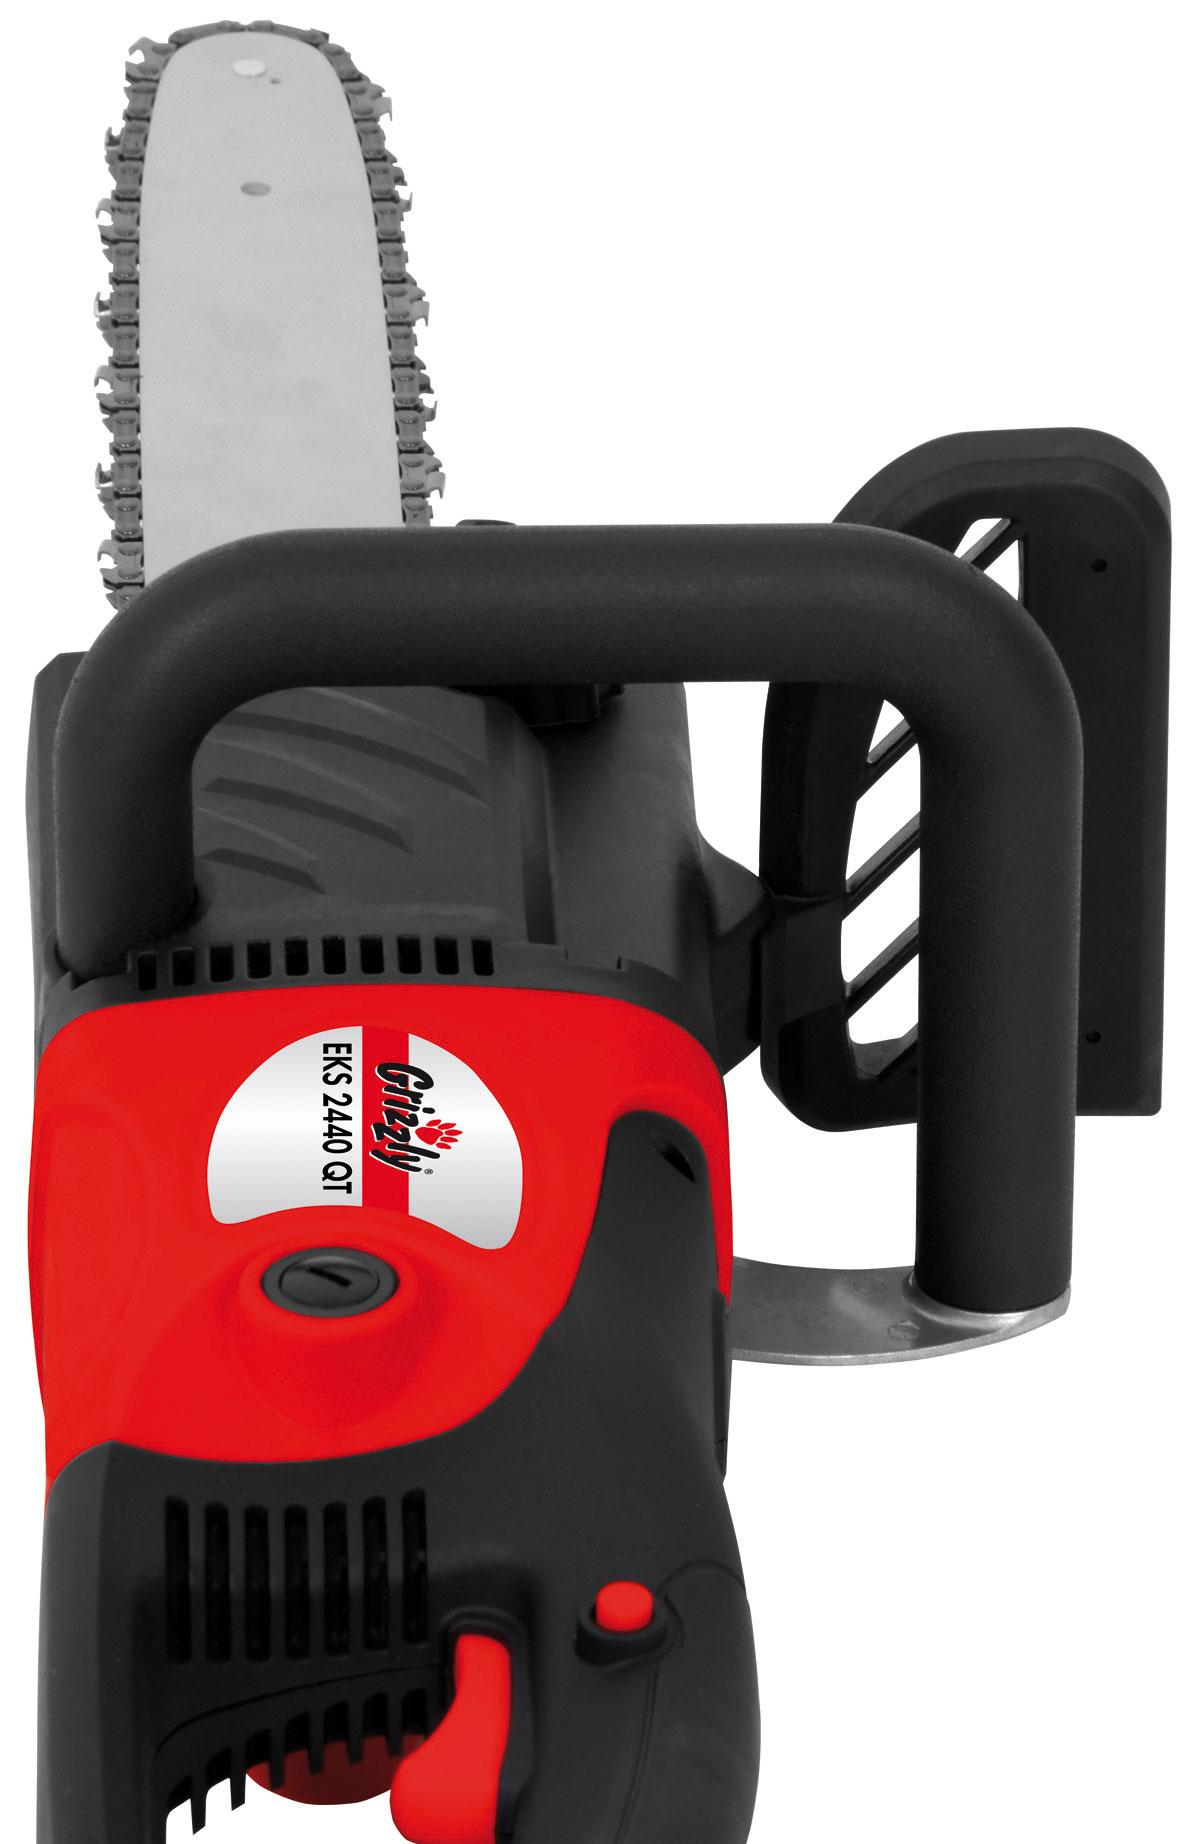 Elektro Kettensäge Grizzly EKS 2440 QT 2400 Watt Bild 2